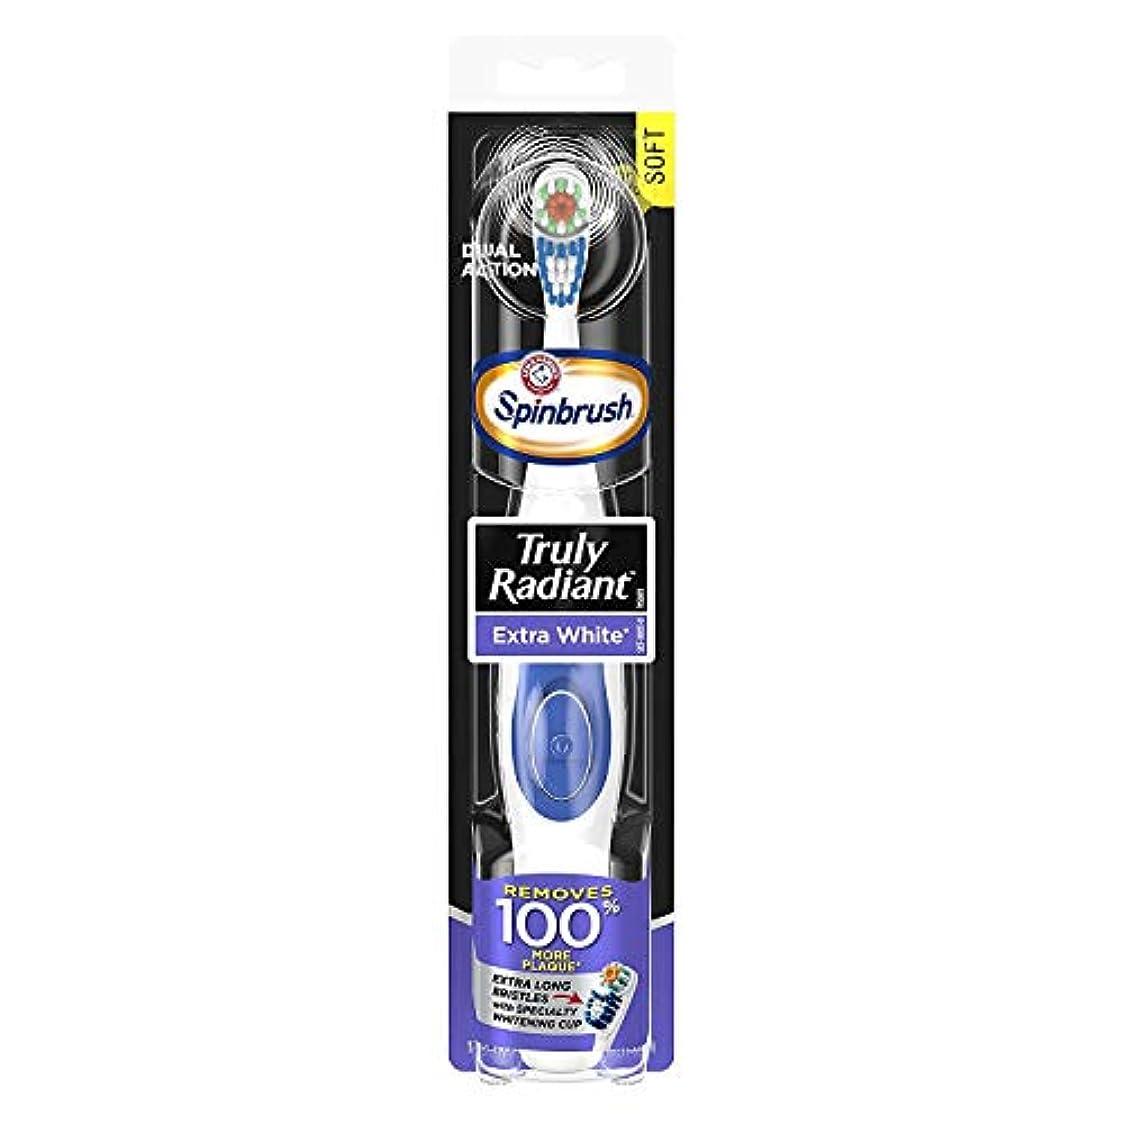 切断する秋福祉ARM & HAMMER Spinbrush Powered Truly Radiant Toothbrush, Extra White, Soft 1 ea by Arm & Hammer